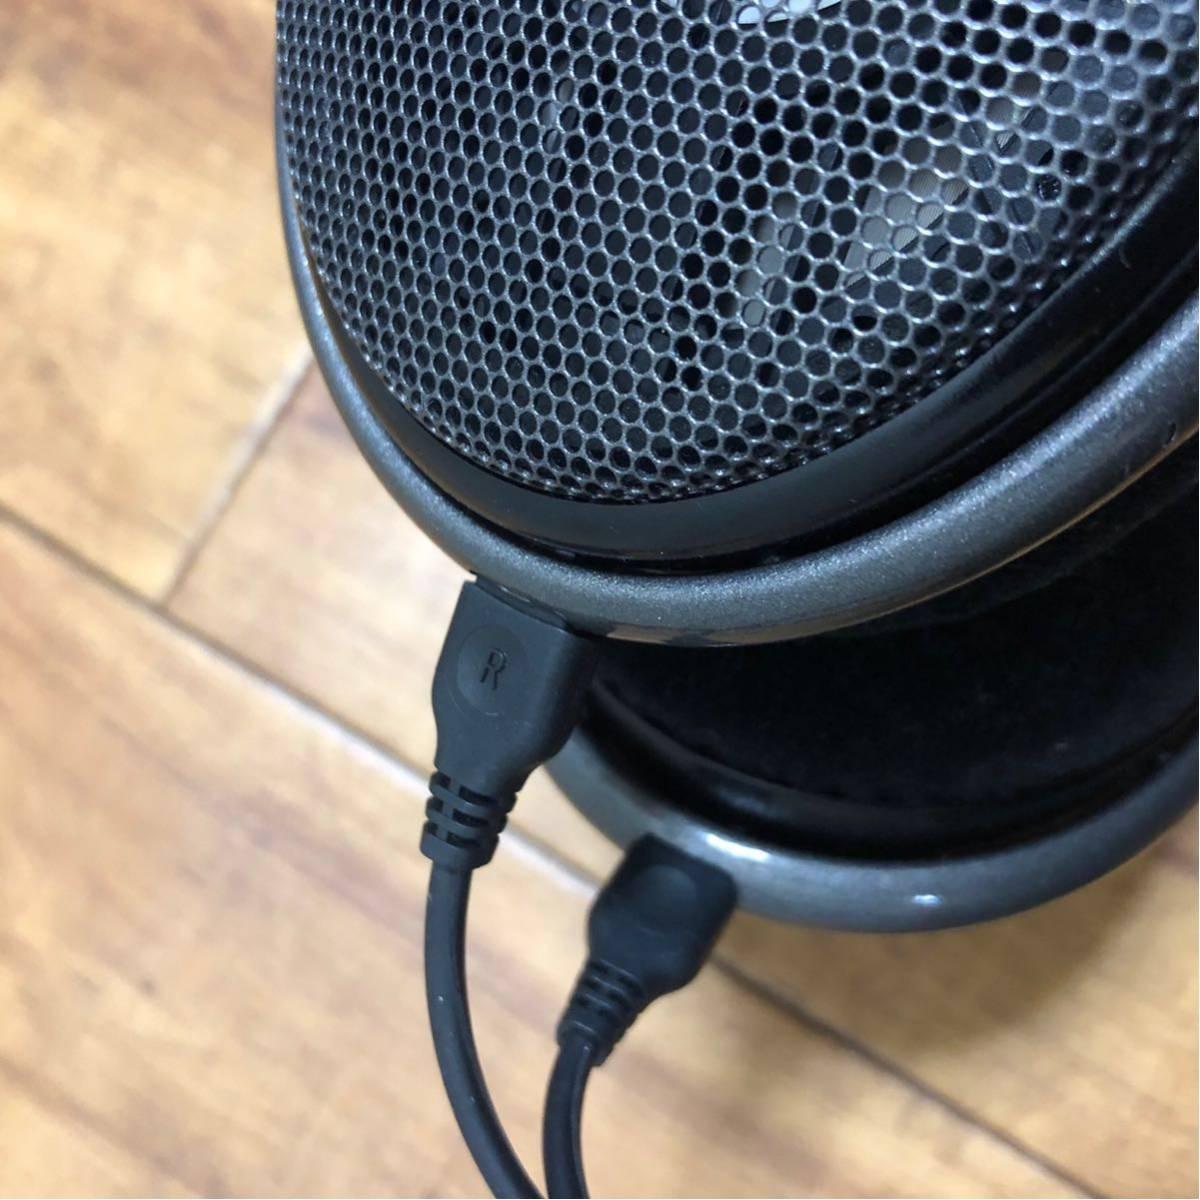 極美品◆SENNHEISER ゼンハイザー HD650 オープン型ヘッドホン ヘッドフォン _画像3